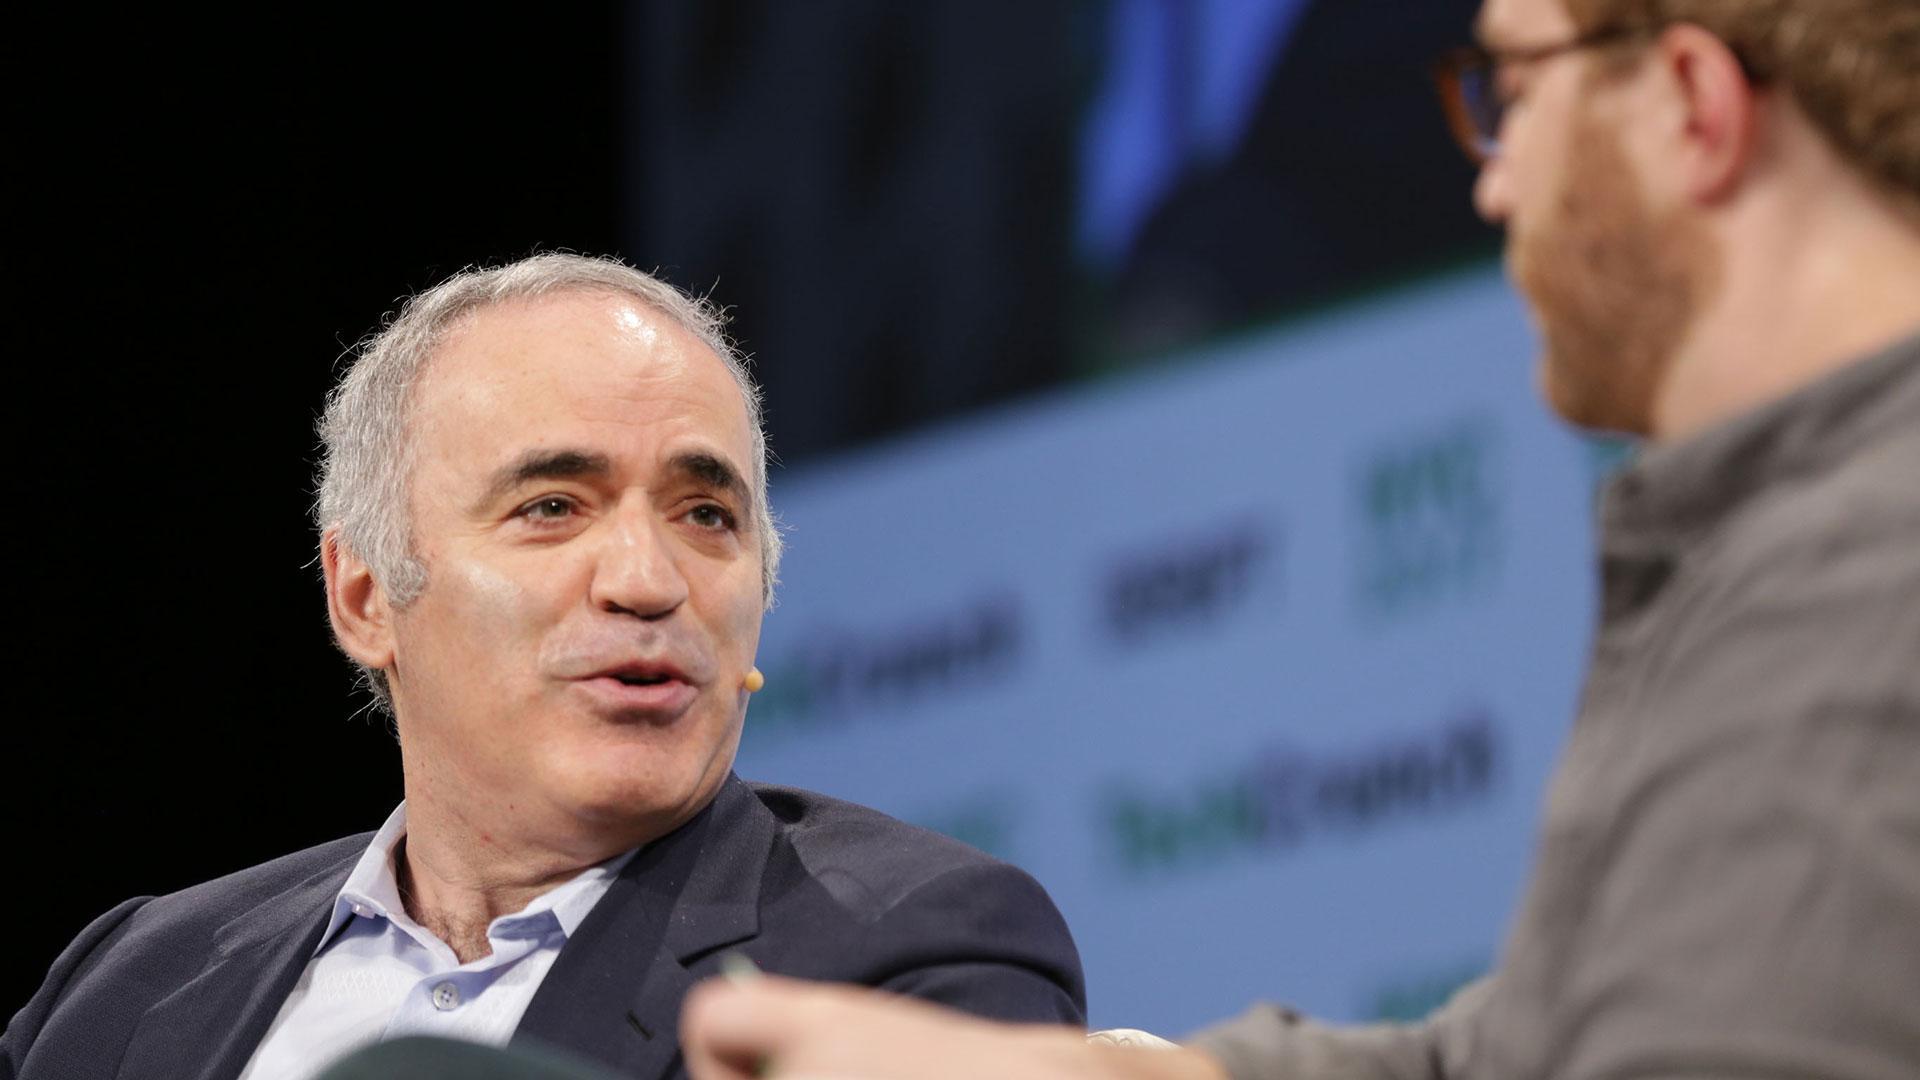 Garry Kasparov : What Constitutes Intelligence